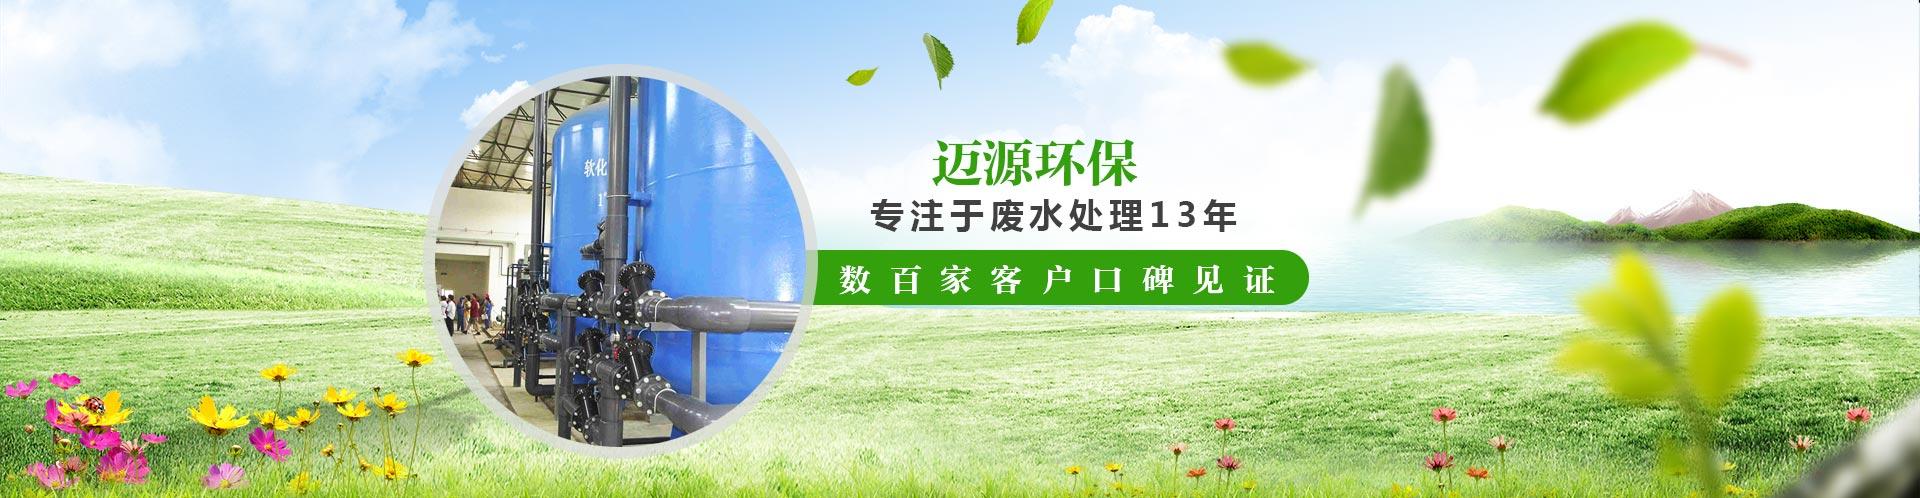 武汉迈源环保工程有限公司